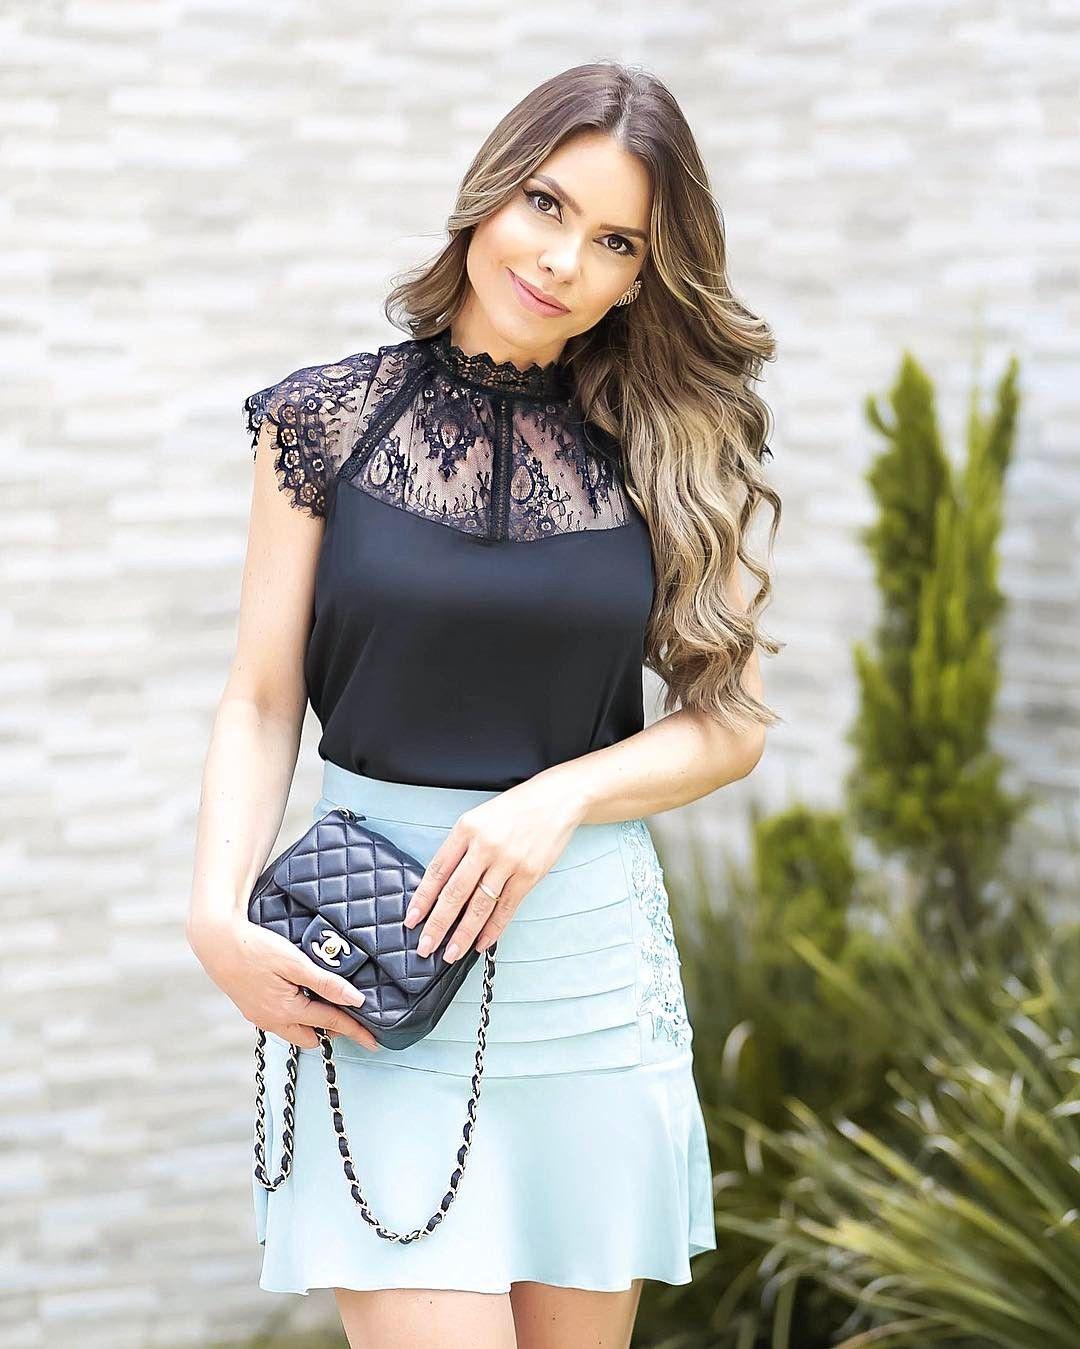 851e3fbae 💙😻Like a princess com look da @lailak_ ! Blusa com detalhes em renda  (reparem na gola dela toda rendada😱) ma ra vi lho sa by @lailak_ .